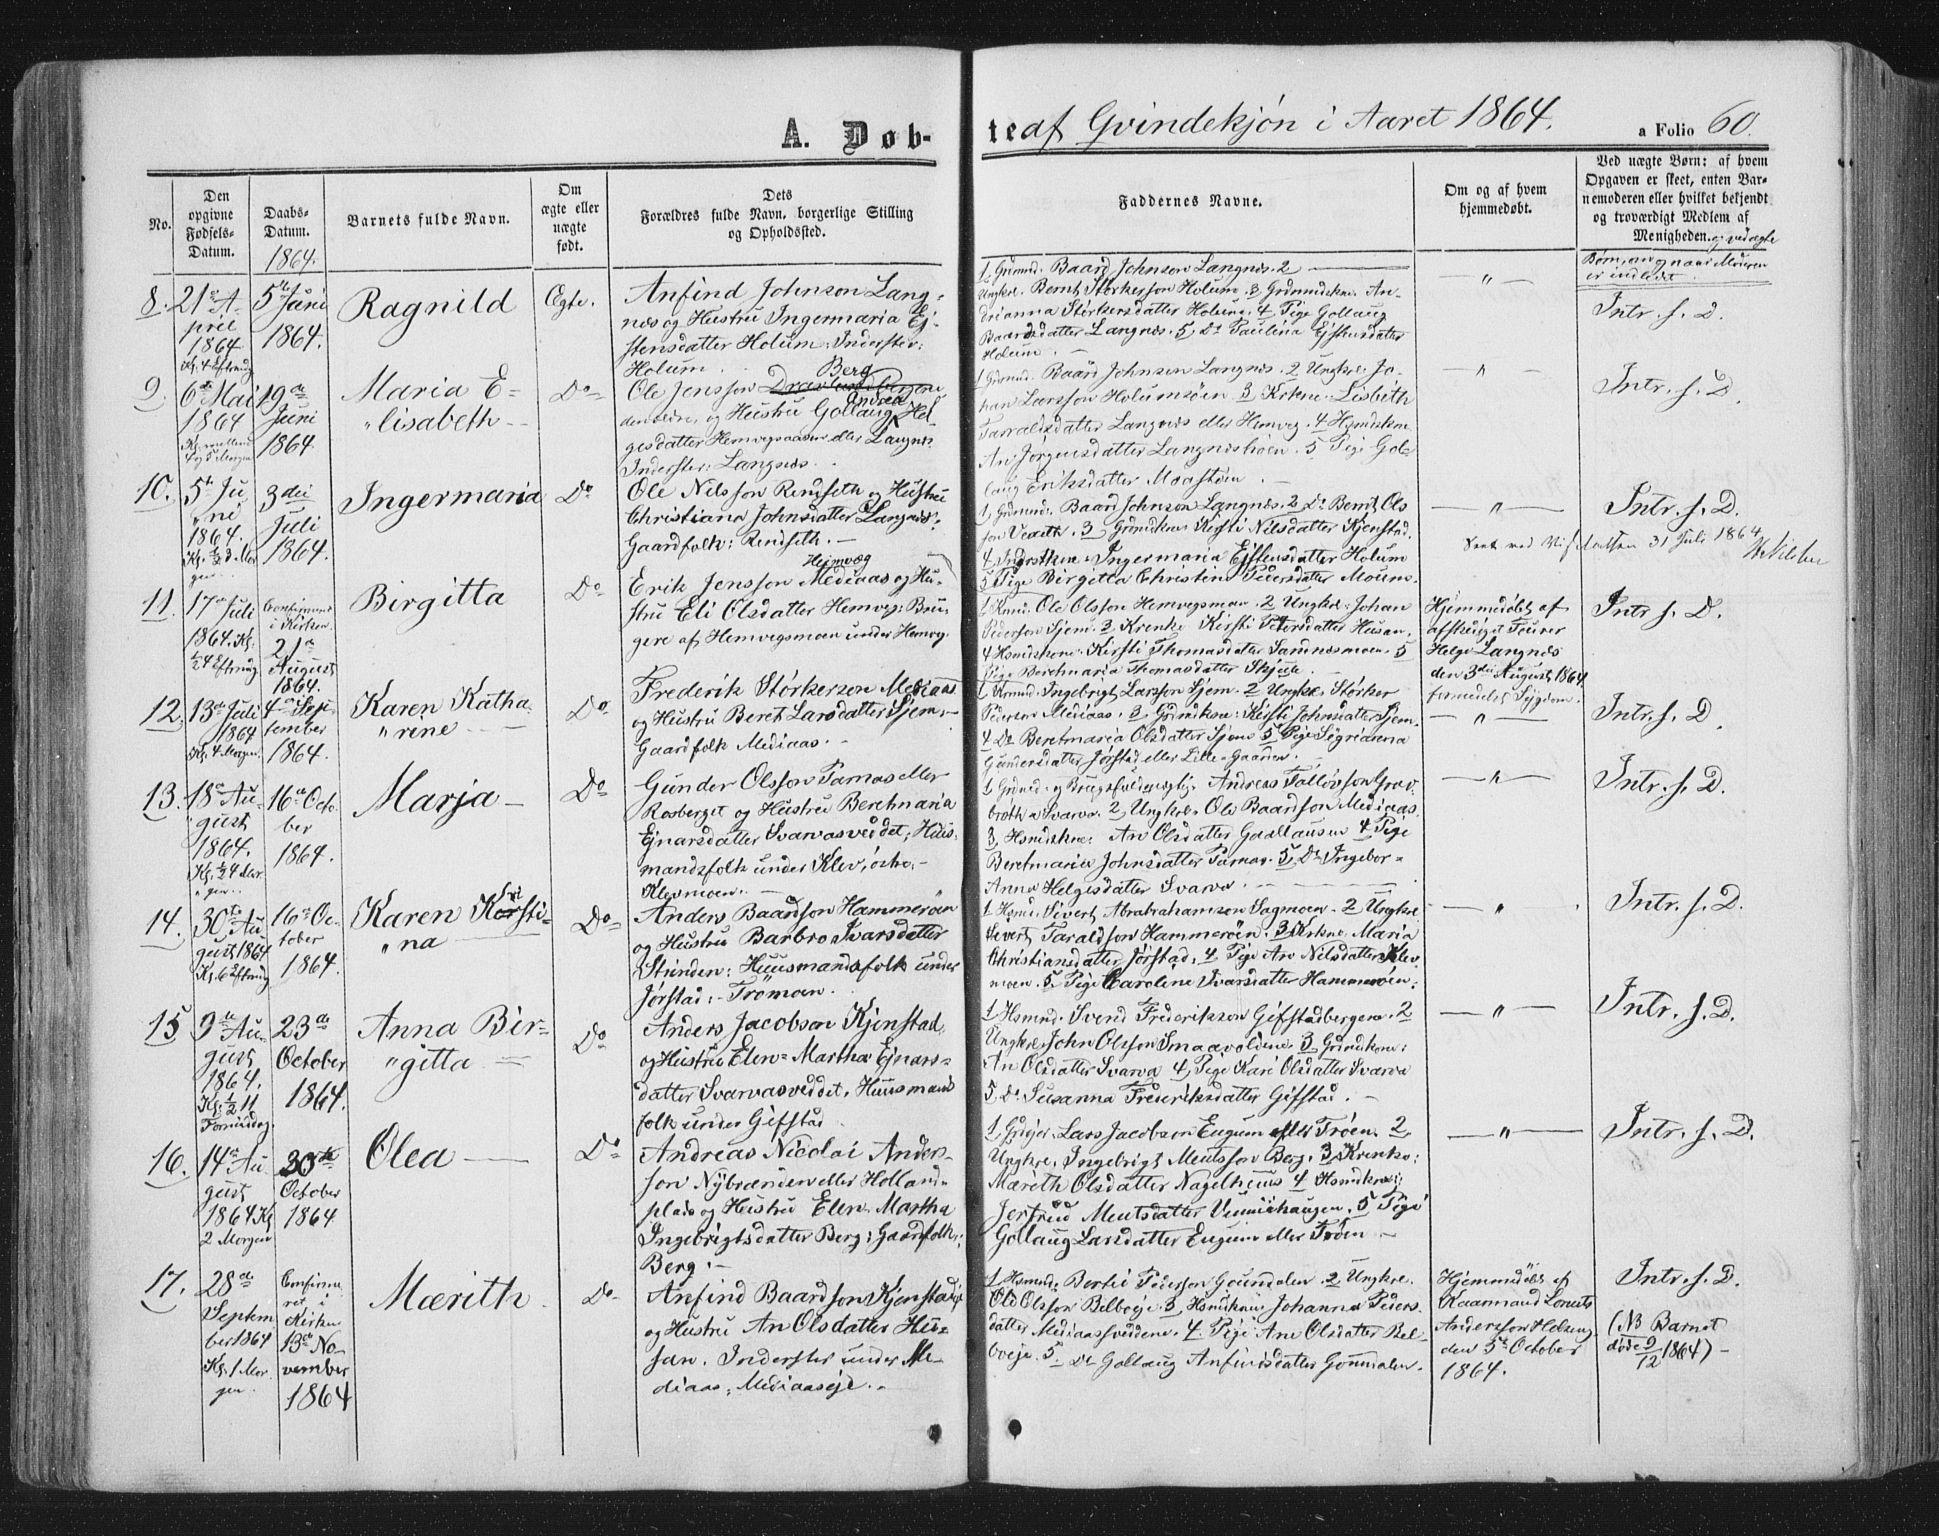 SAT, Ministerialprotokoller, klokkerbøker og fødselsregistre - Nord-Trøndelag, 749/L0472: Ministerialbok nr. 749A06, 1857-1873, s. 60